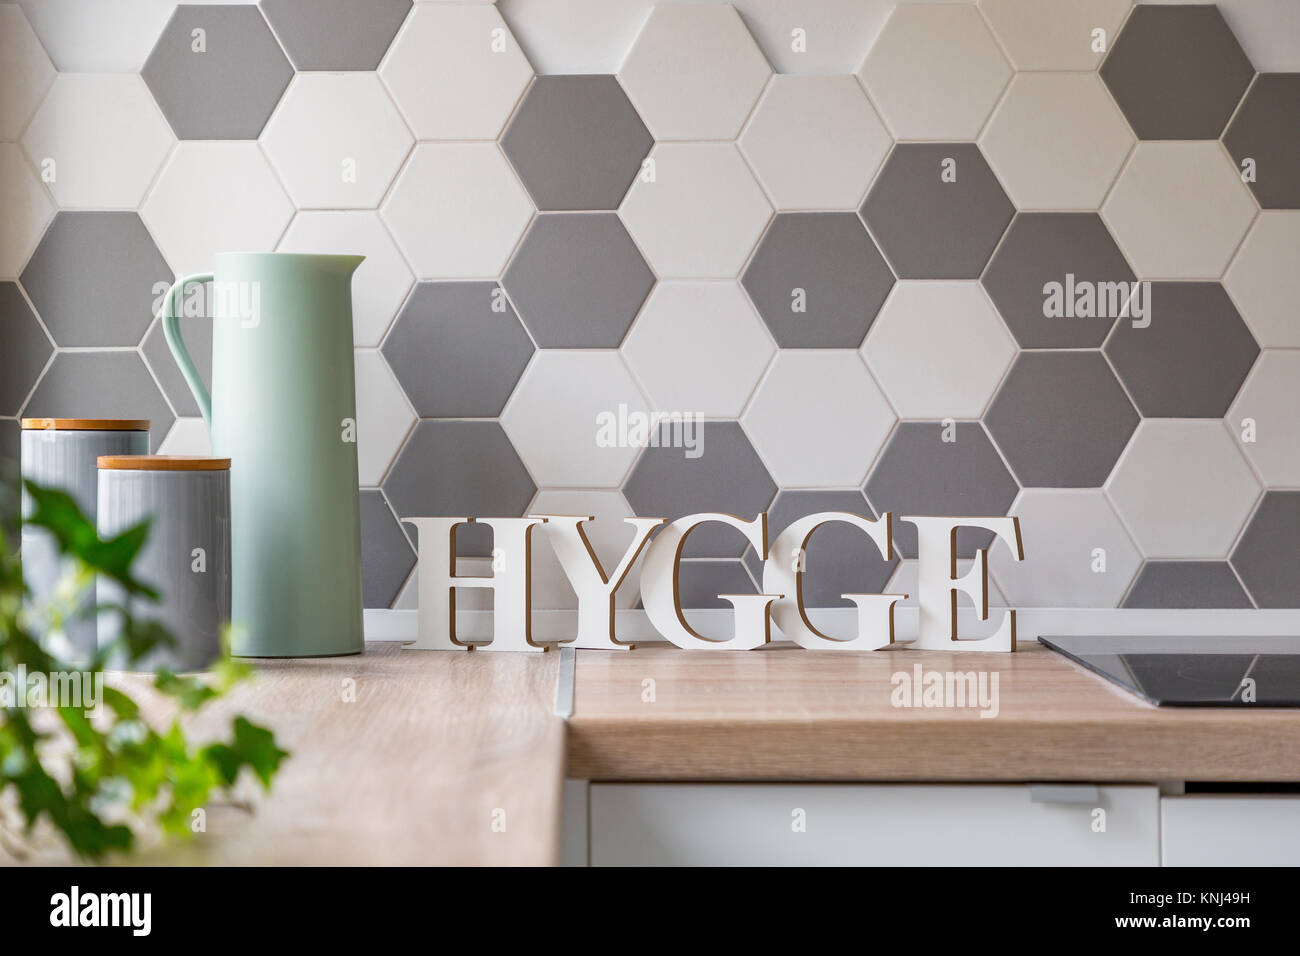 Cucina moderna con interni in stile scandinavo con bancone in legno ...